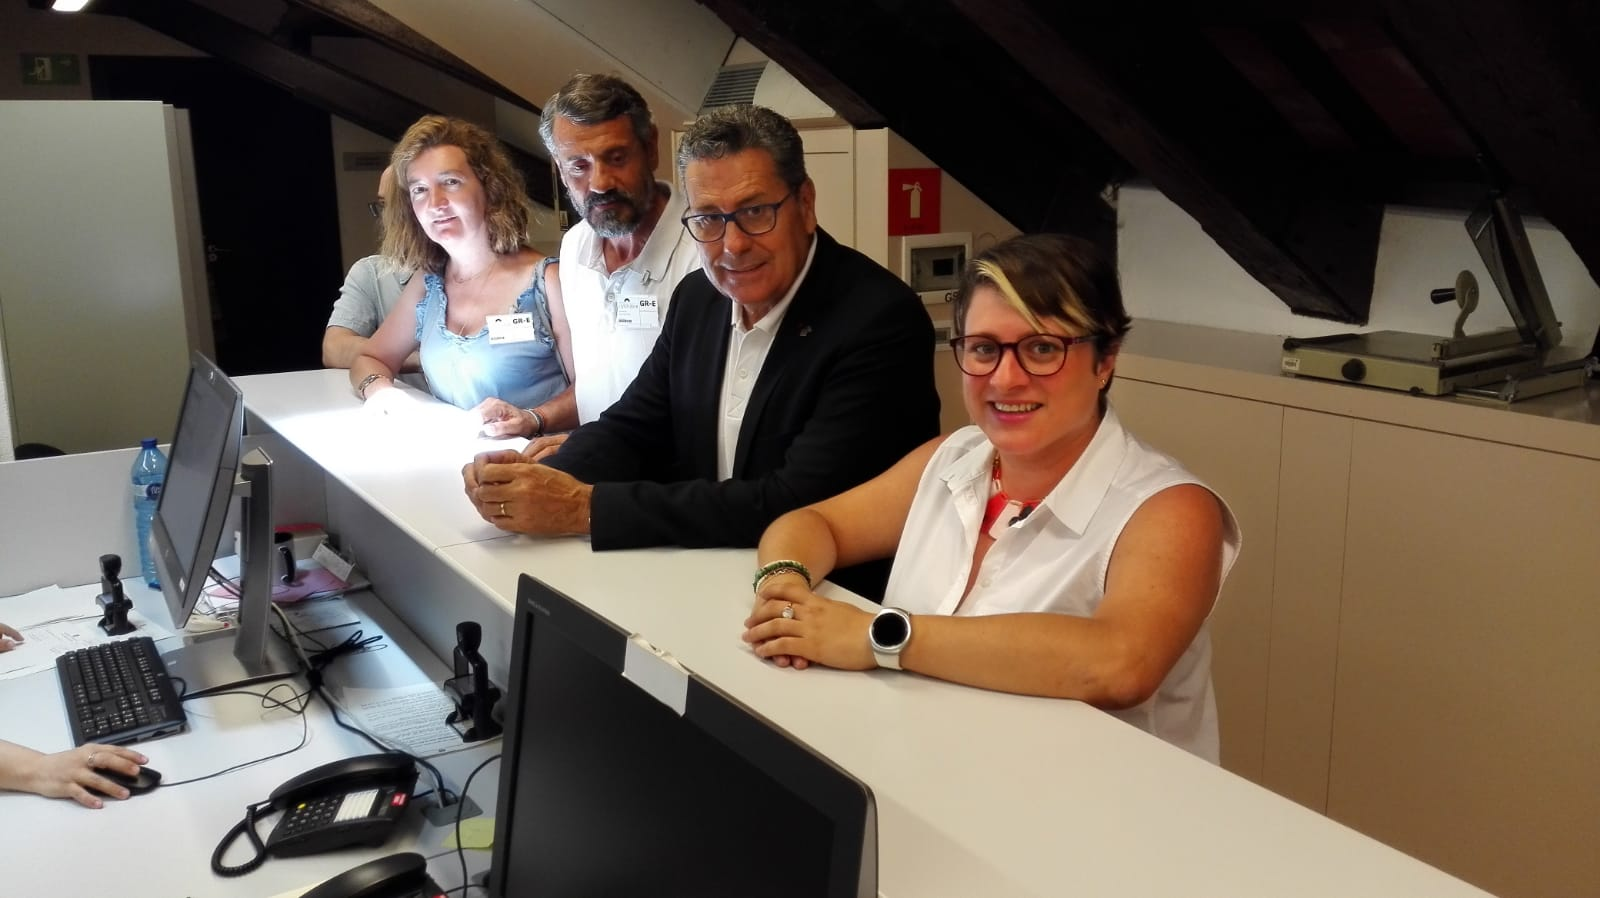 La diputada de Cs, Noemí de la Calle, junto al portavoz de Cs l'Hospitalet, Miguel García, y los concejales Rainaldo Ruiz y Carmen Esteban